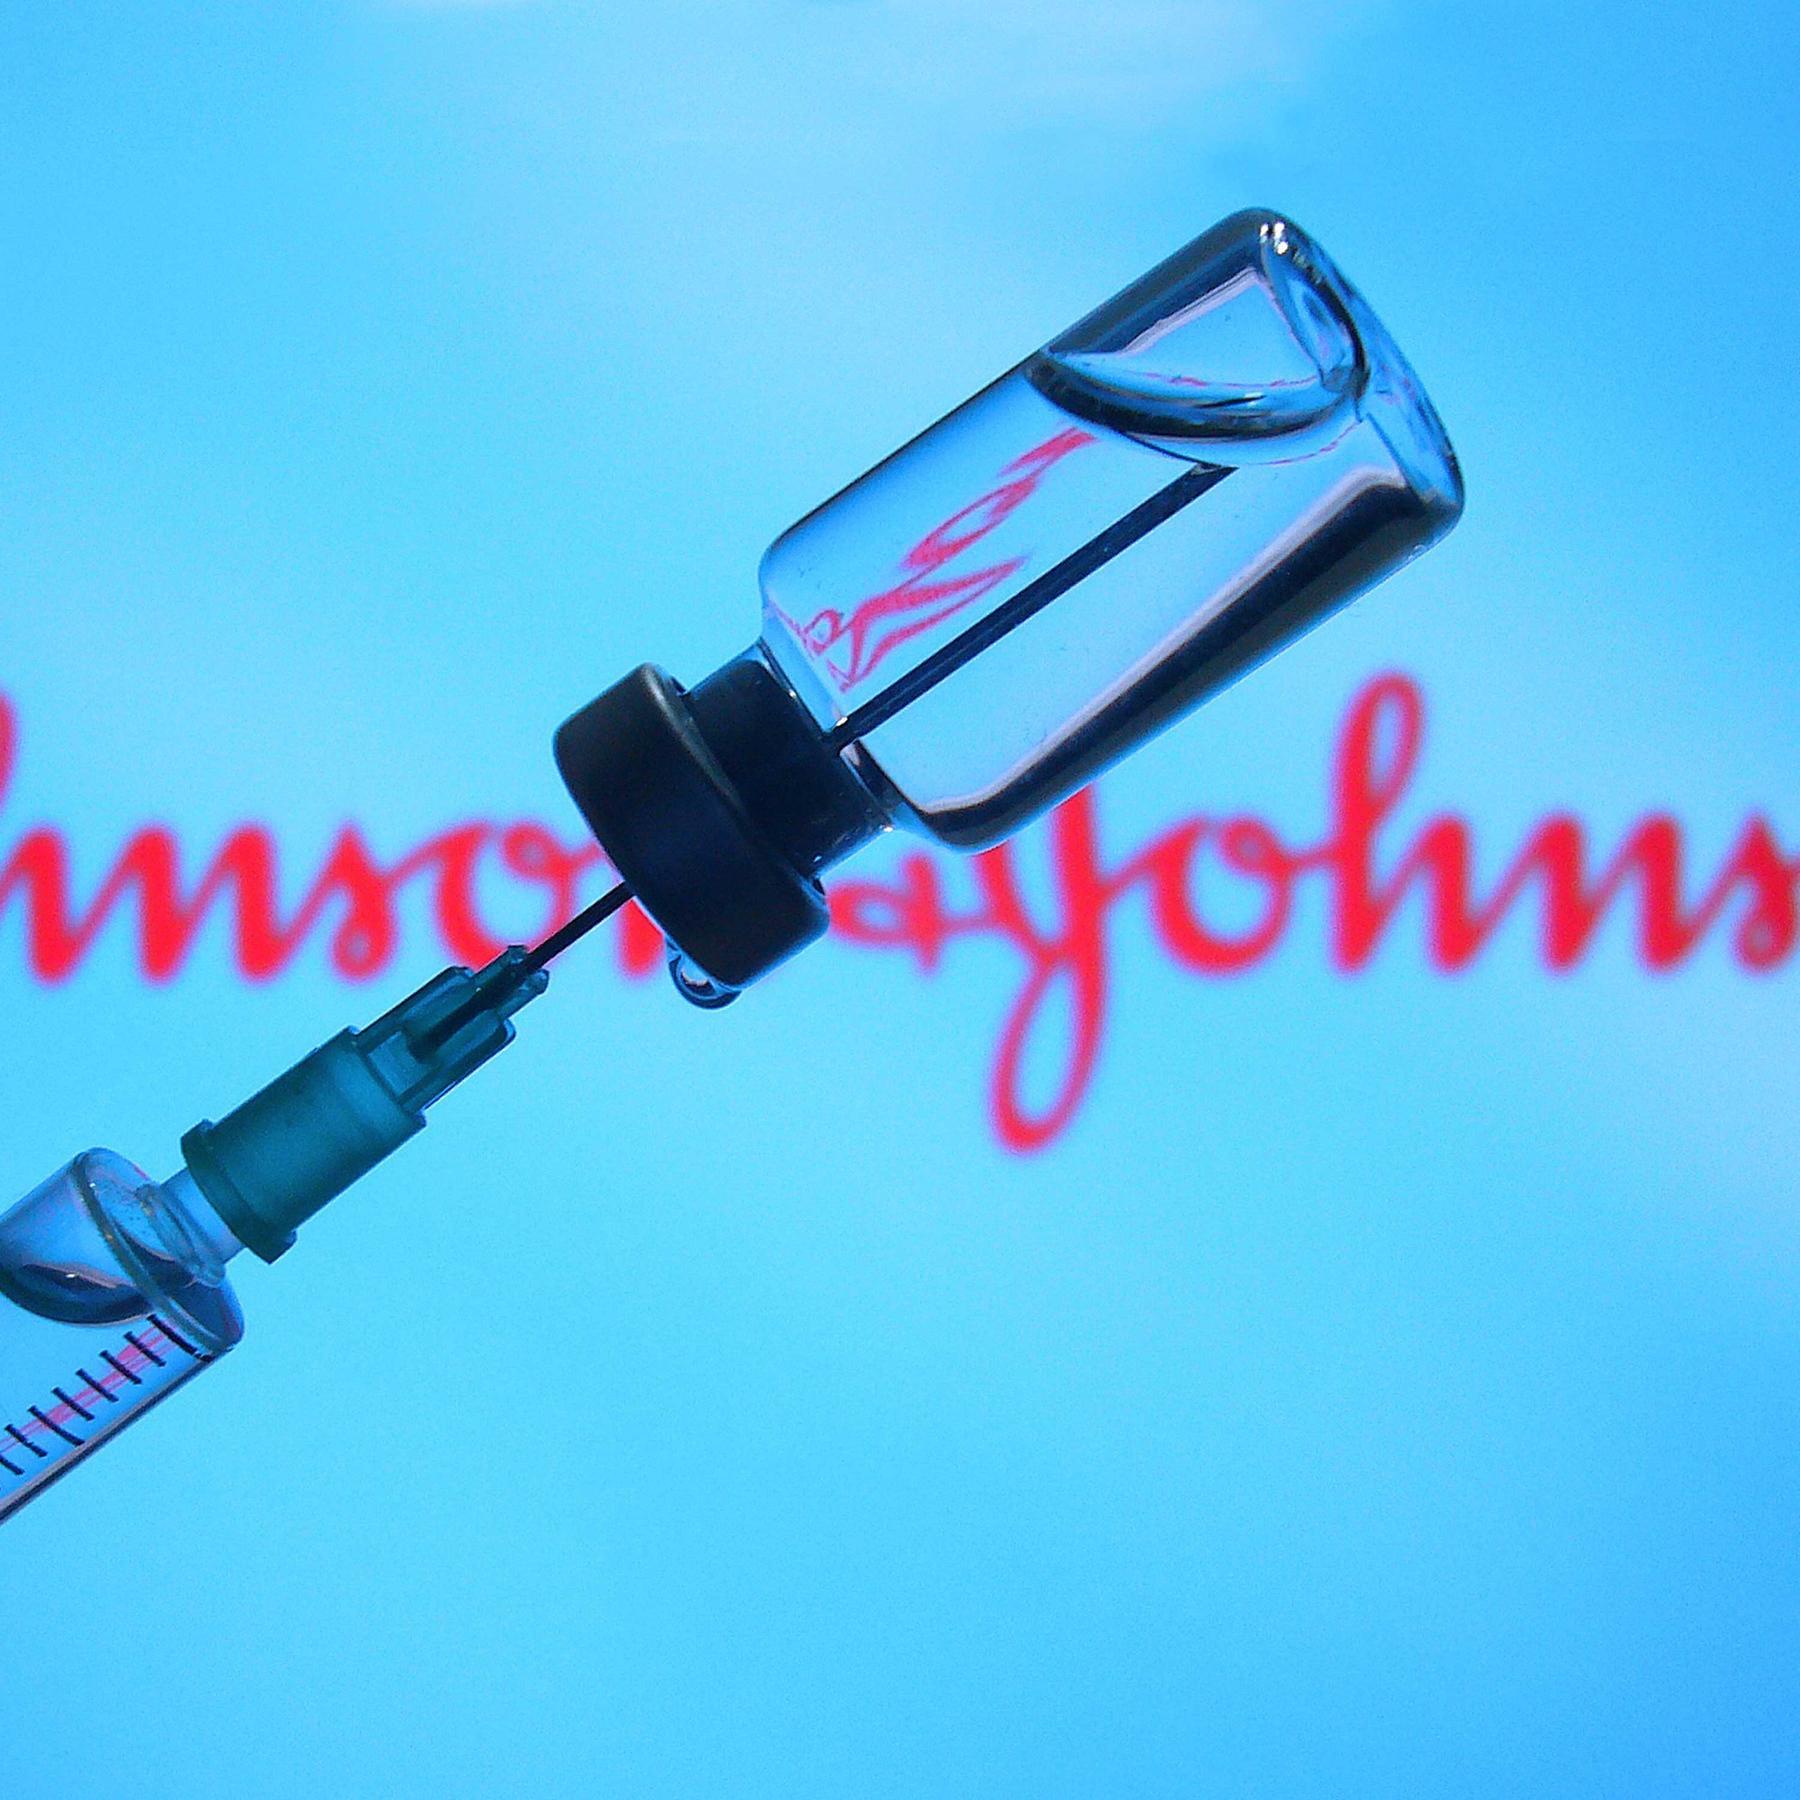 Lieferstopp von Johnson & Johnson - Gerät die Impfkampagne ins Stocken?